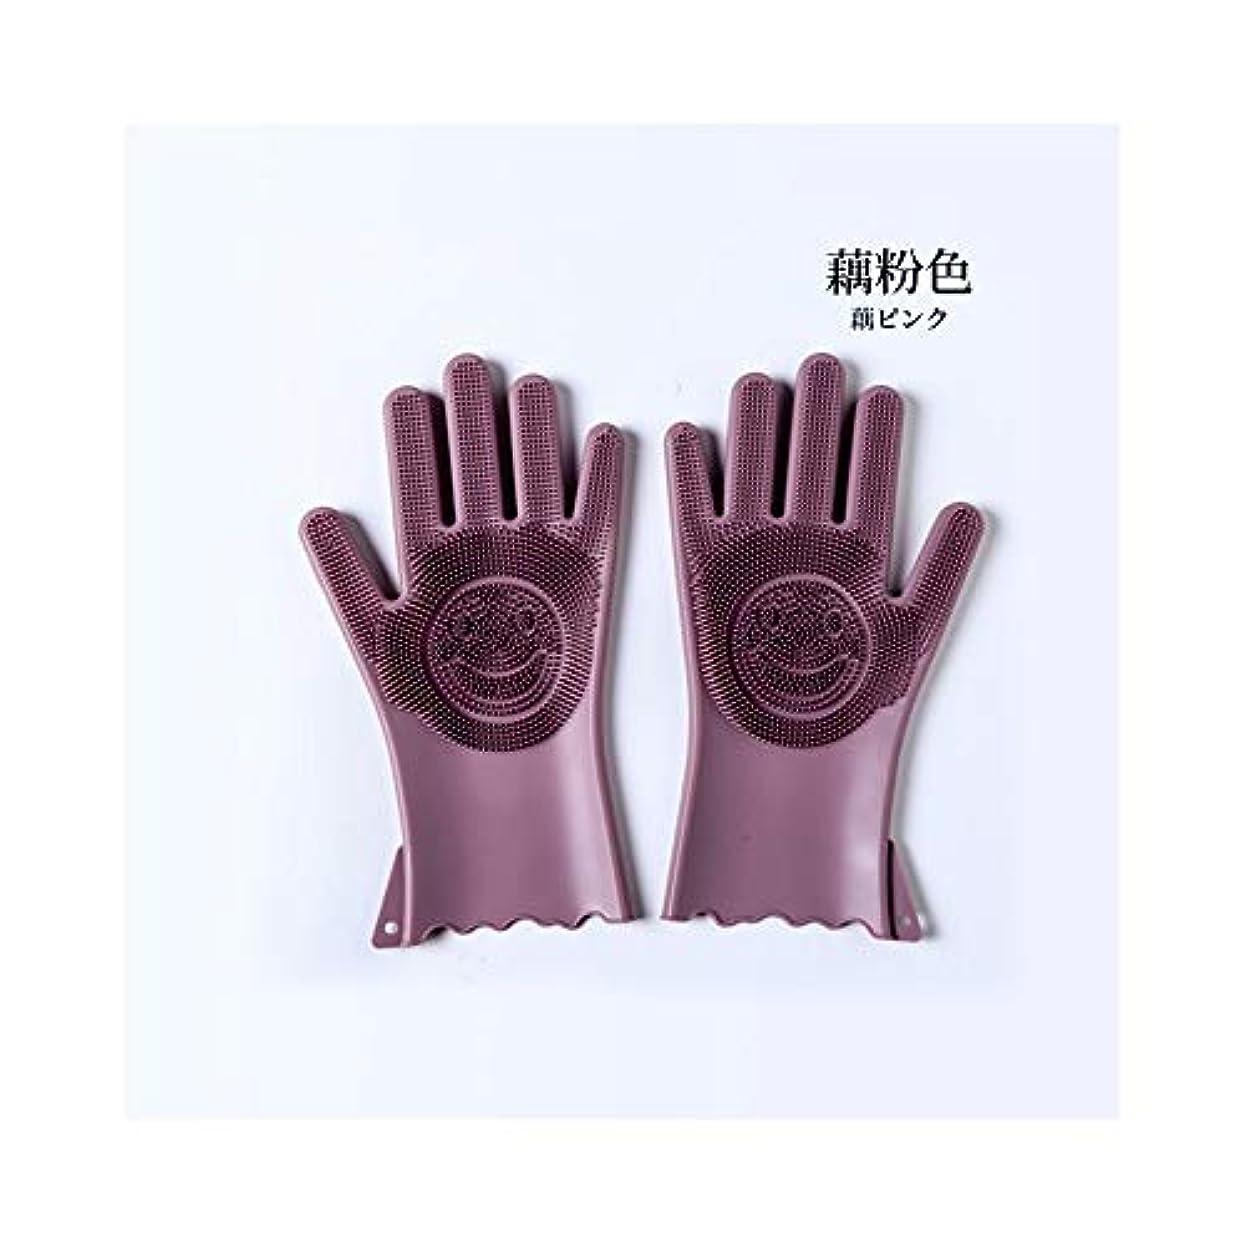 使い捨て手袋 作業用手袋防水厚くて丈夫なシリコーン多機能キッチン家庭用手袋 ニトリルゴム手袋 (Color : PINK, Size : M)